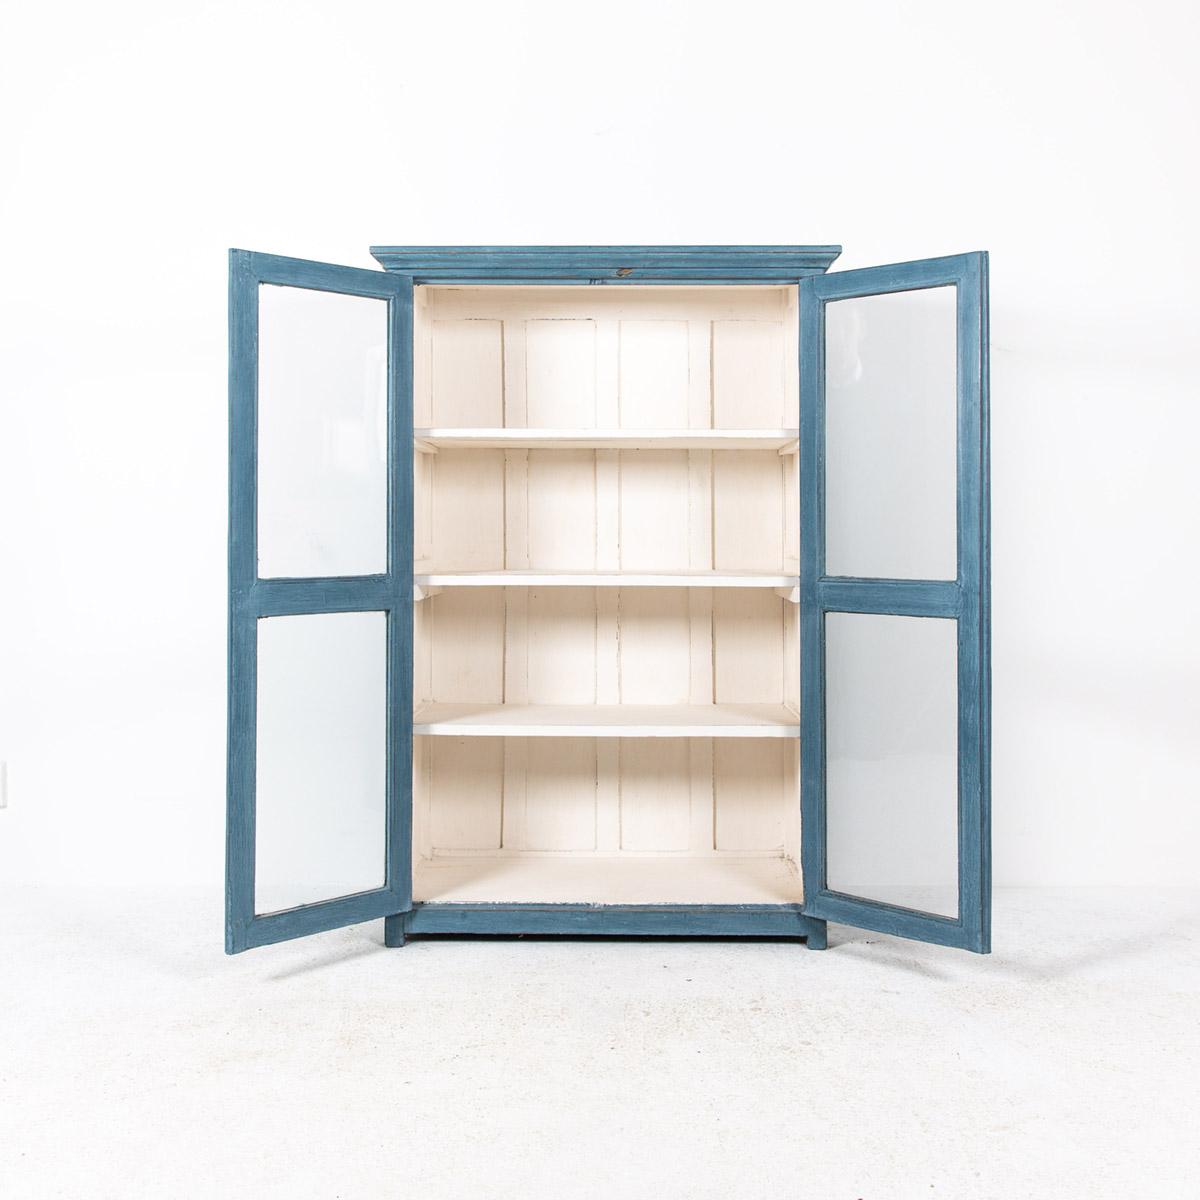 Vitrinekast-2-deuren-blauw-6